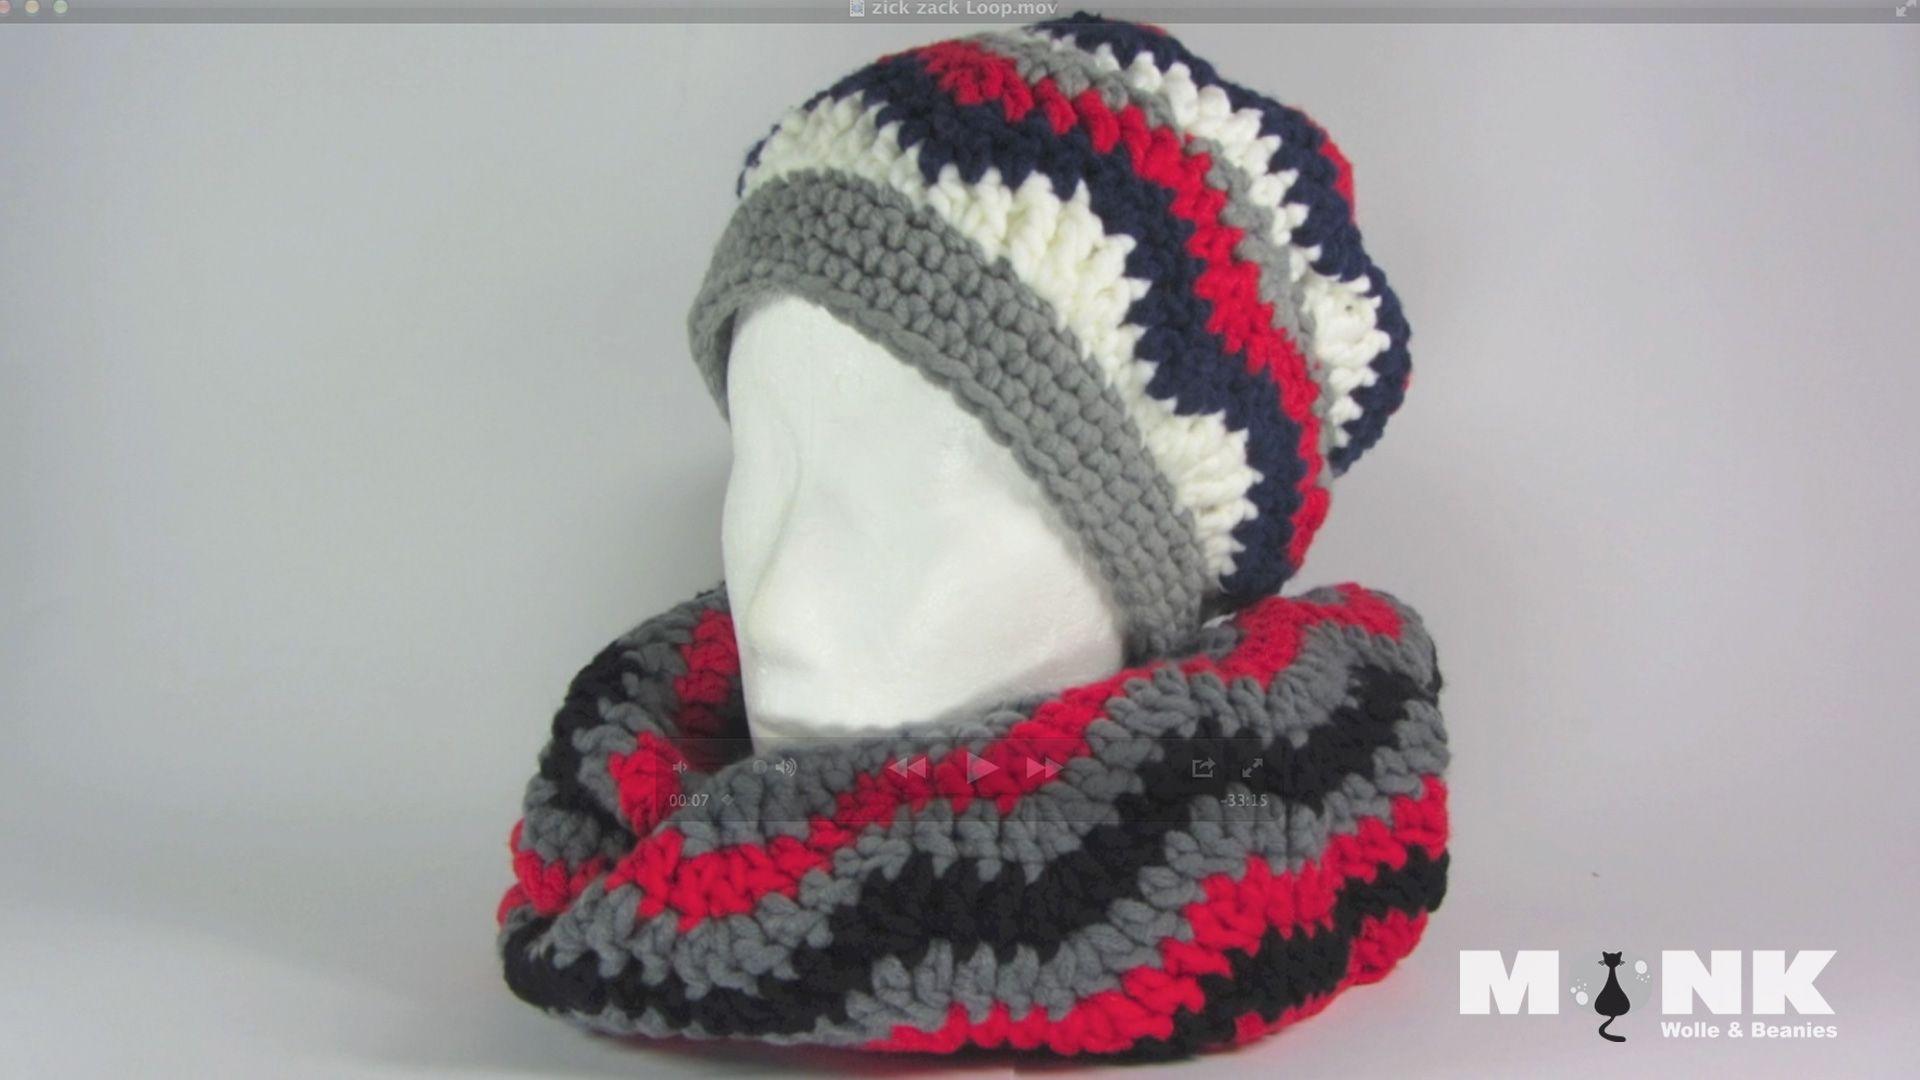 Schals & Loops häkeln - MONK Wolle & Beanies - kostenlose ...